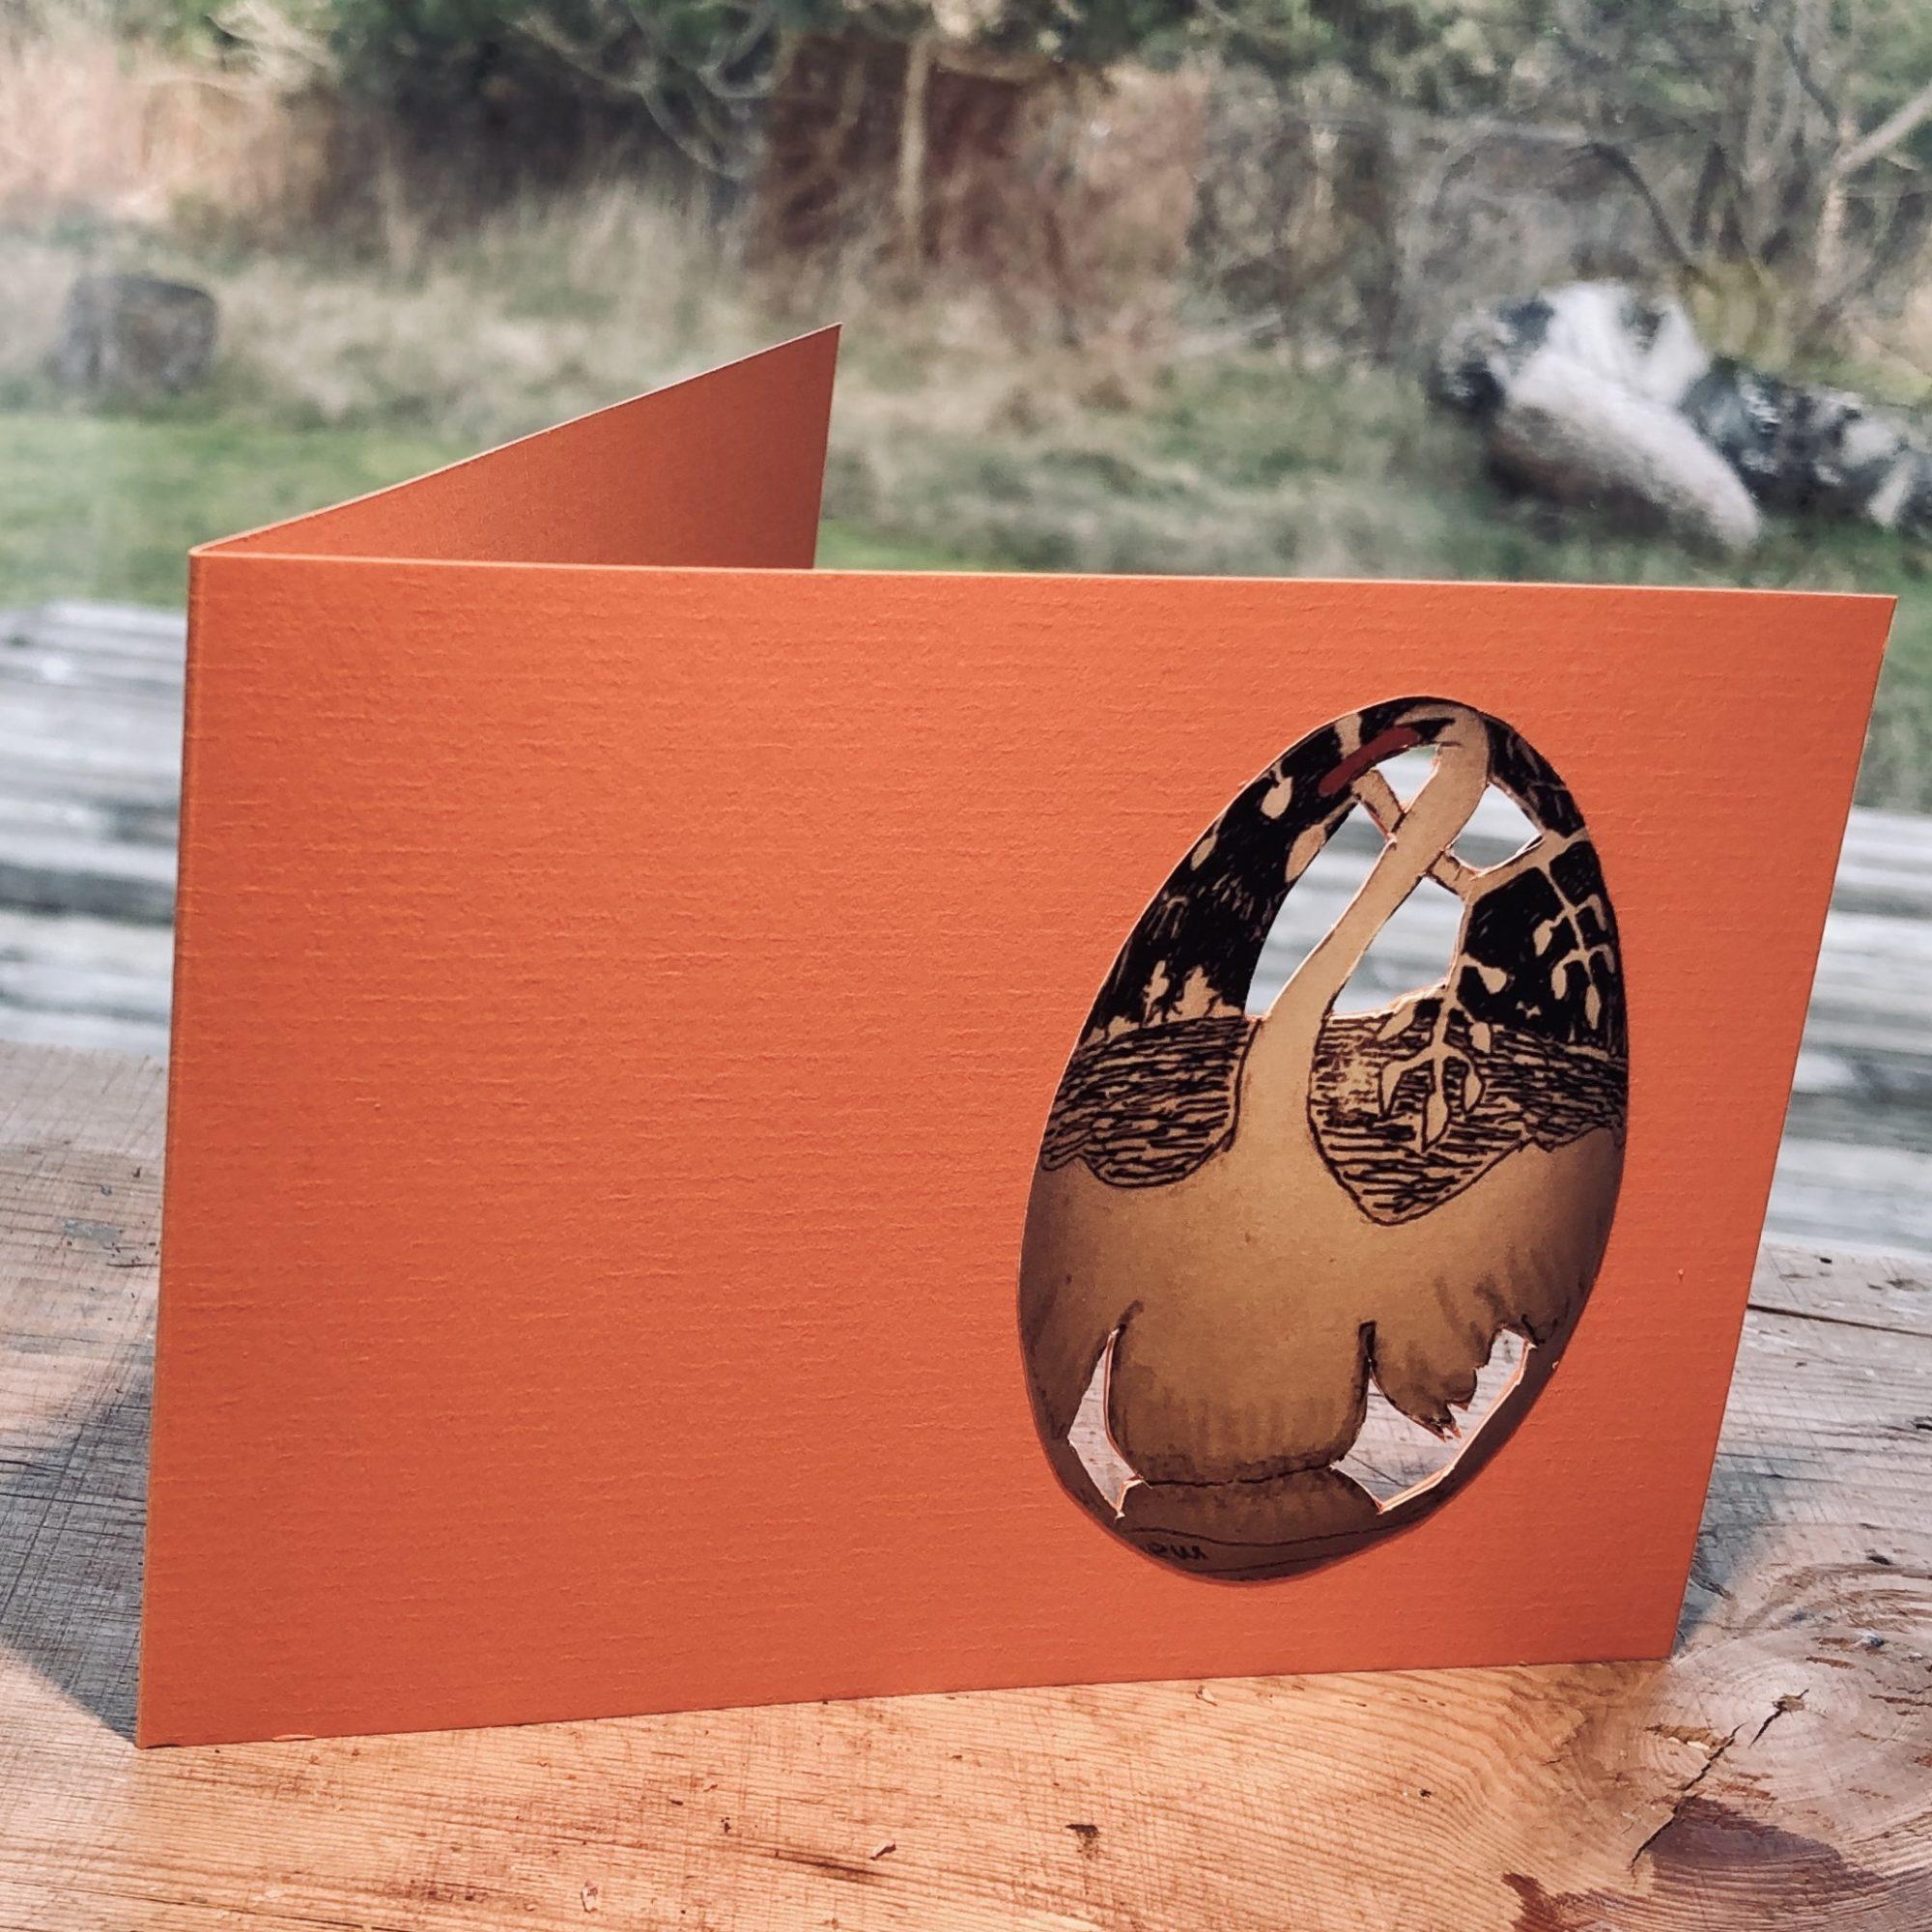 Svane På Orange Dobbeltkort